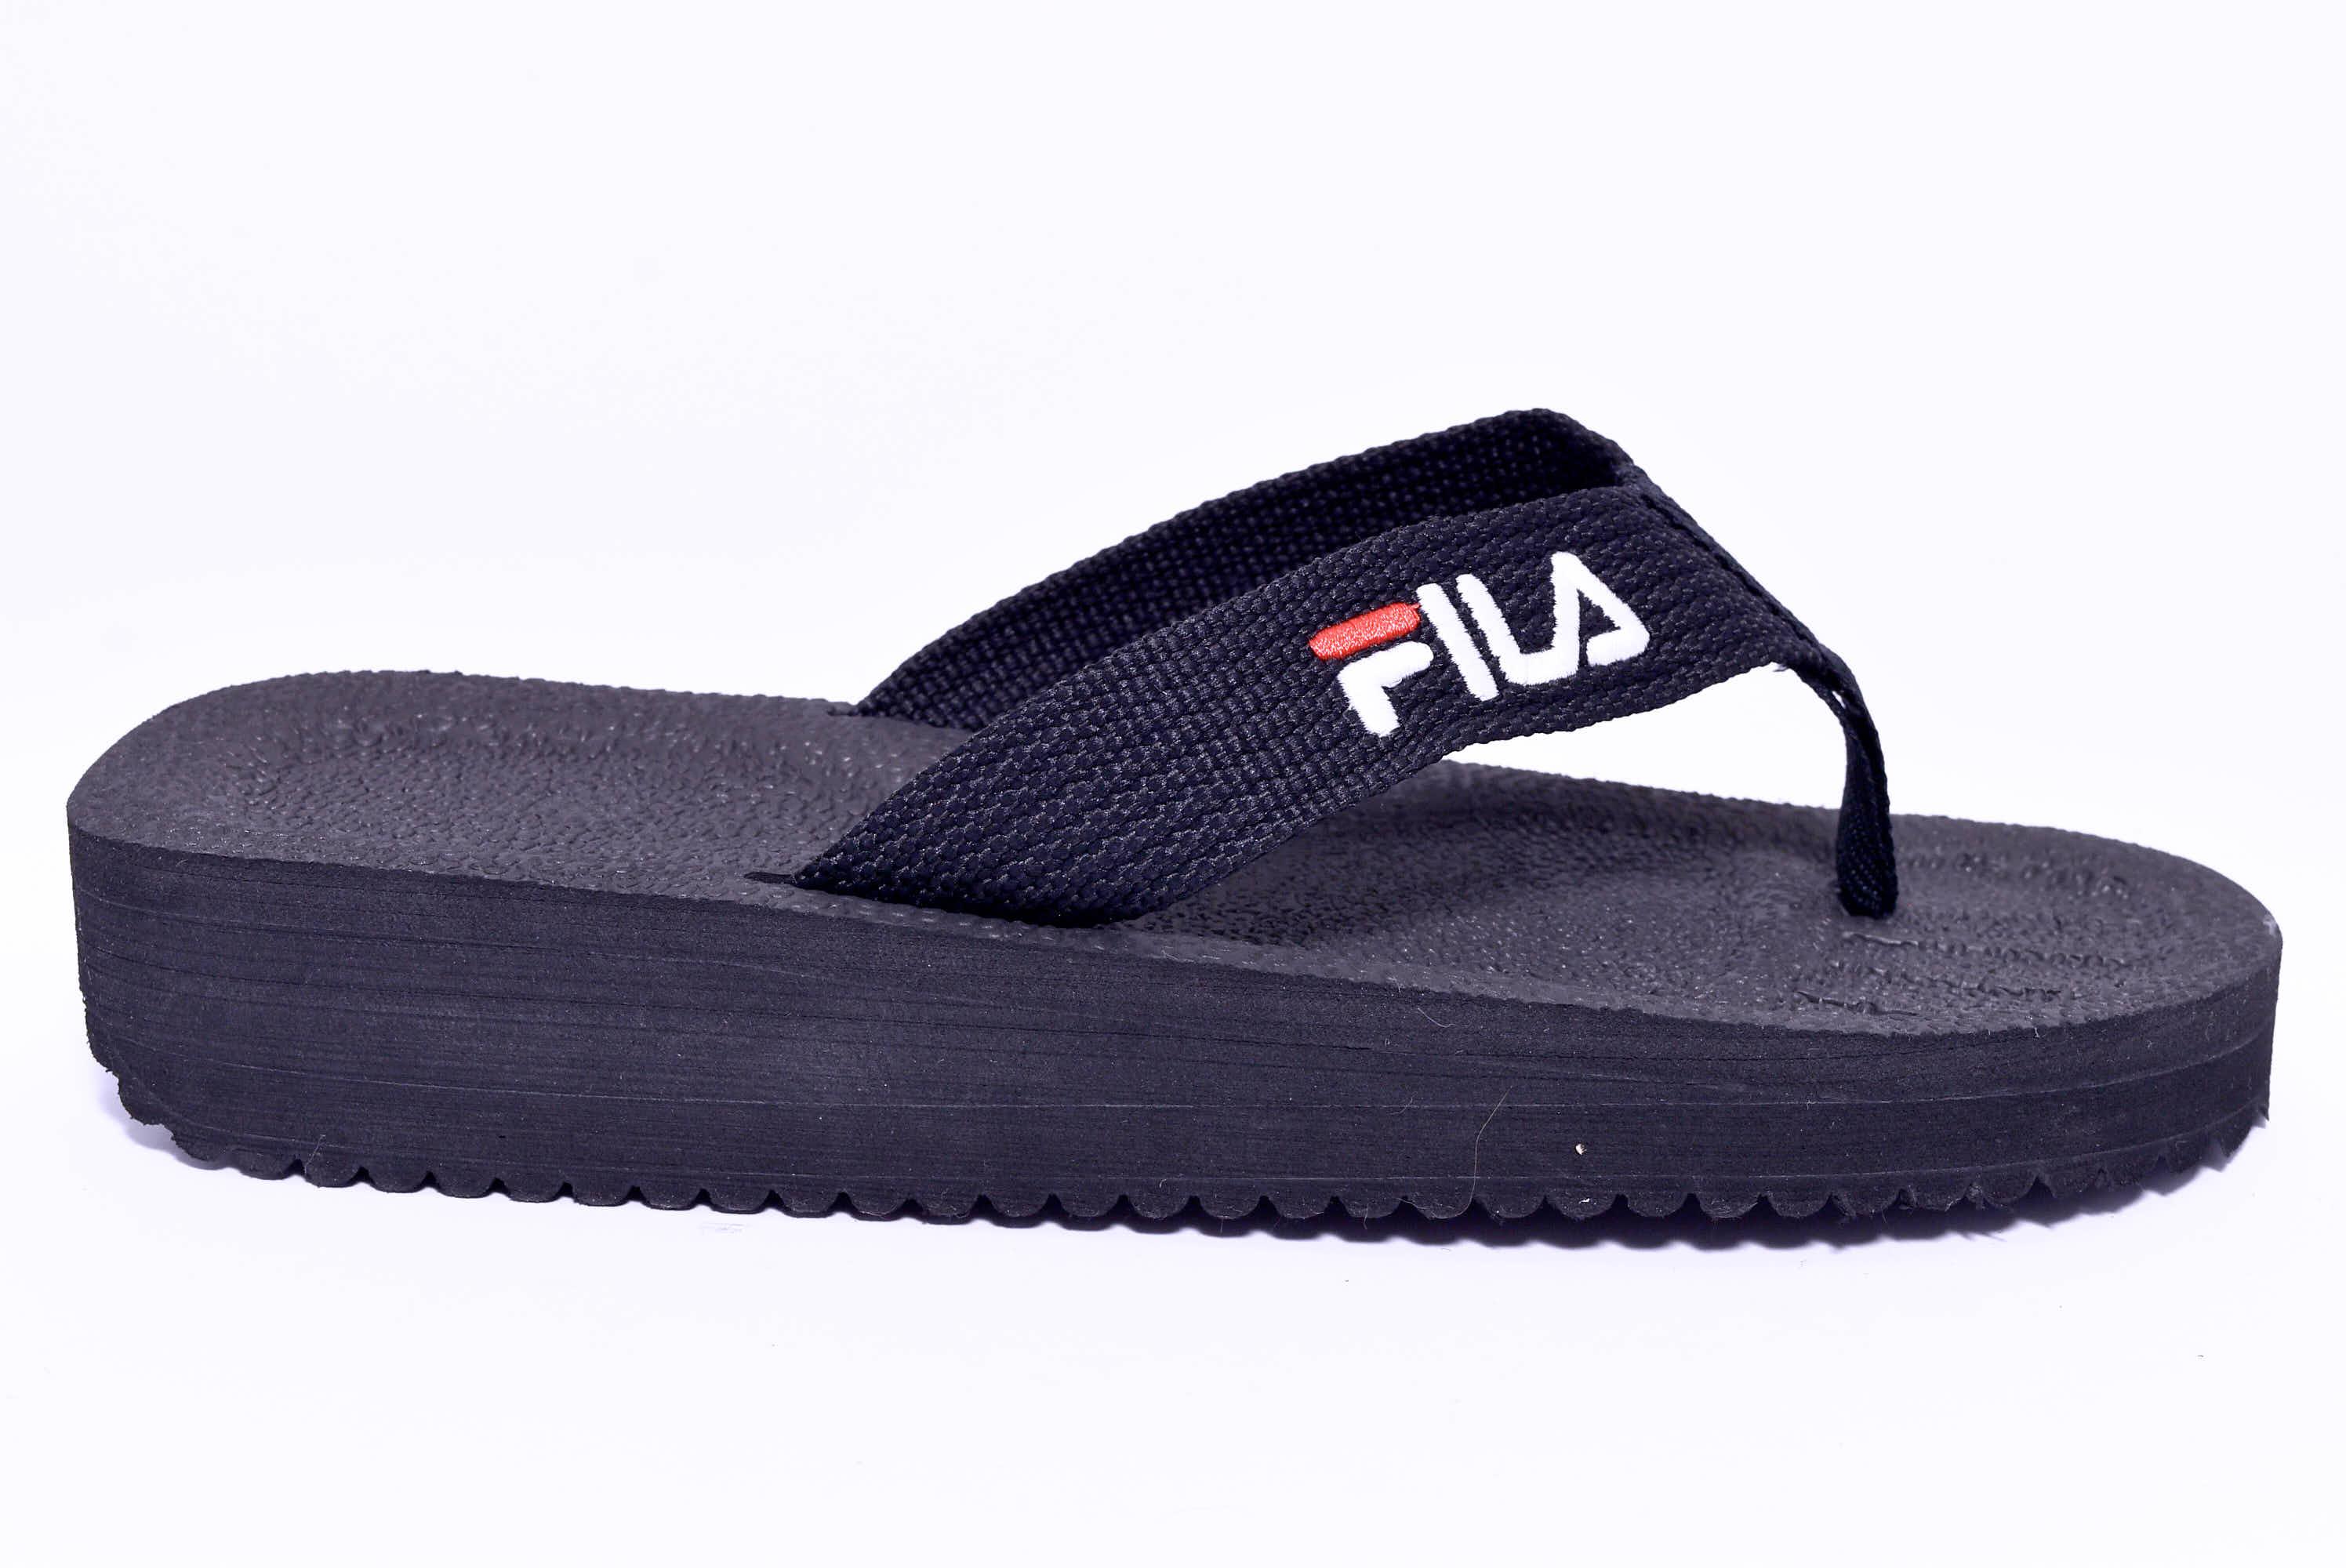 FILA 1010290 25Y TOMAIA SLIPPER Infradito Uomo | shoesmyfriends.it